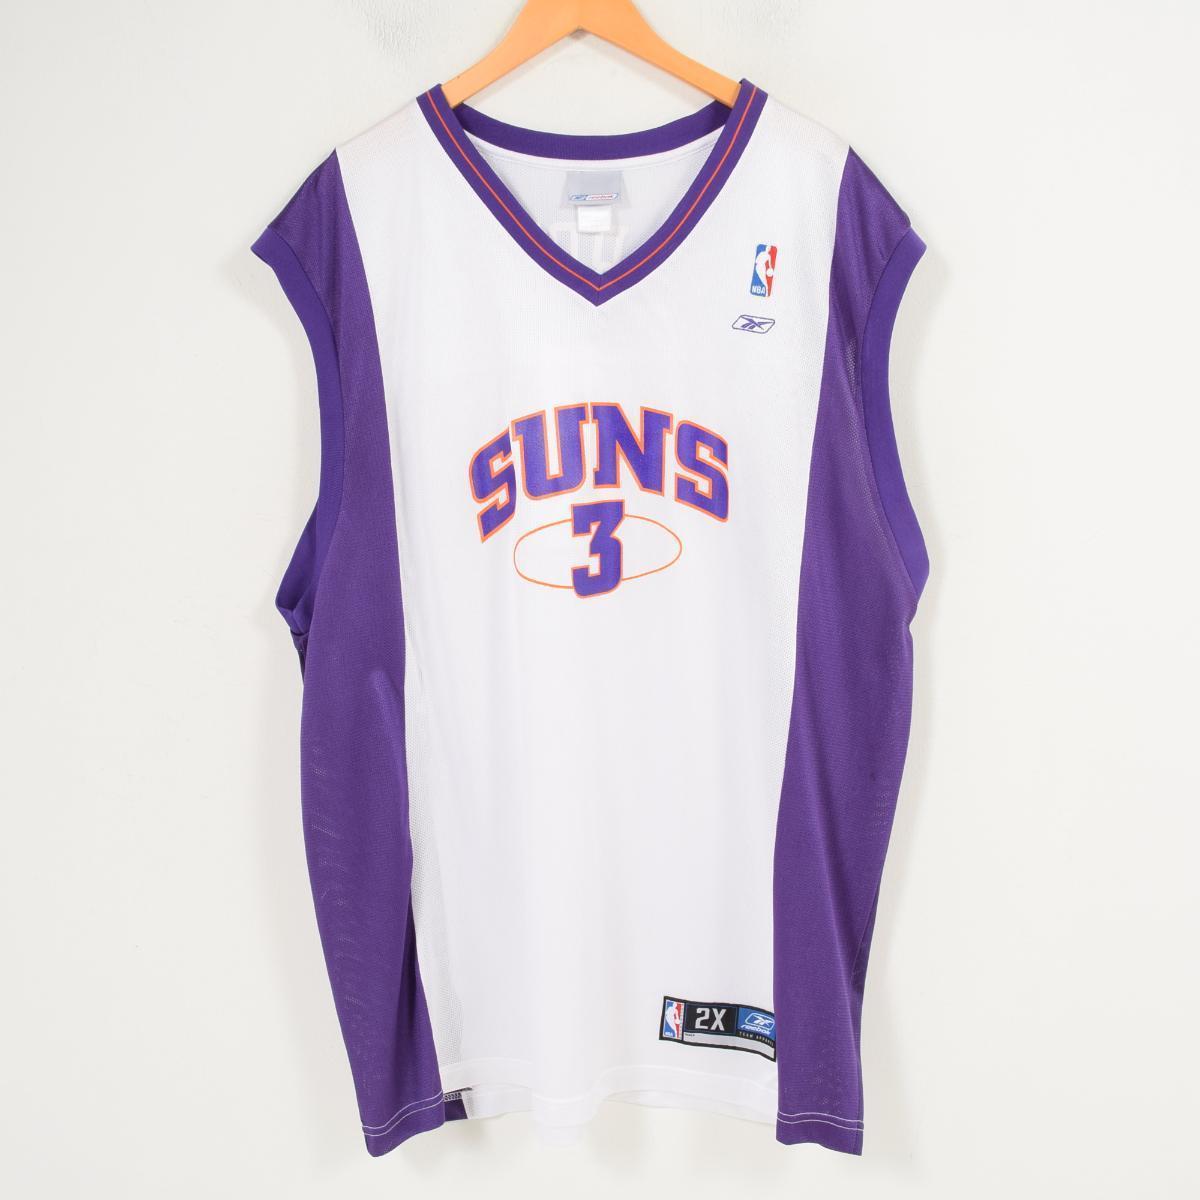 リーボック Reebok NBA PHOENIX SUNS フェニックスサンズ Stephon Marbury ステフォンマーブリー ゲームシャツ レプリカユニフォーム メンズXXL /wap0666 【中古】 【180323】